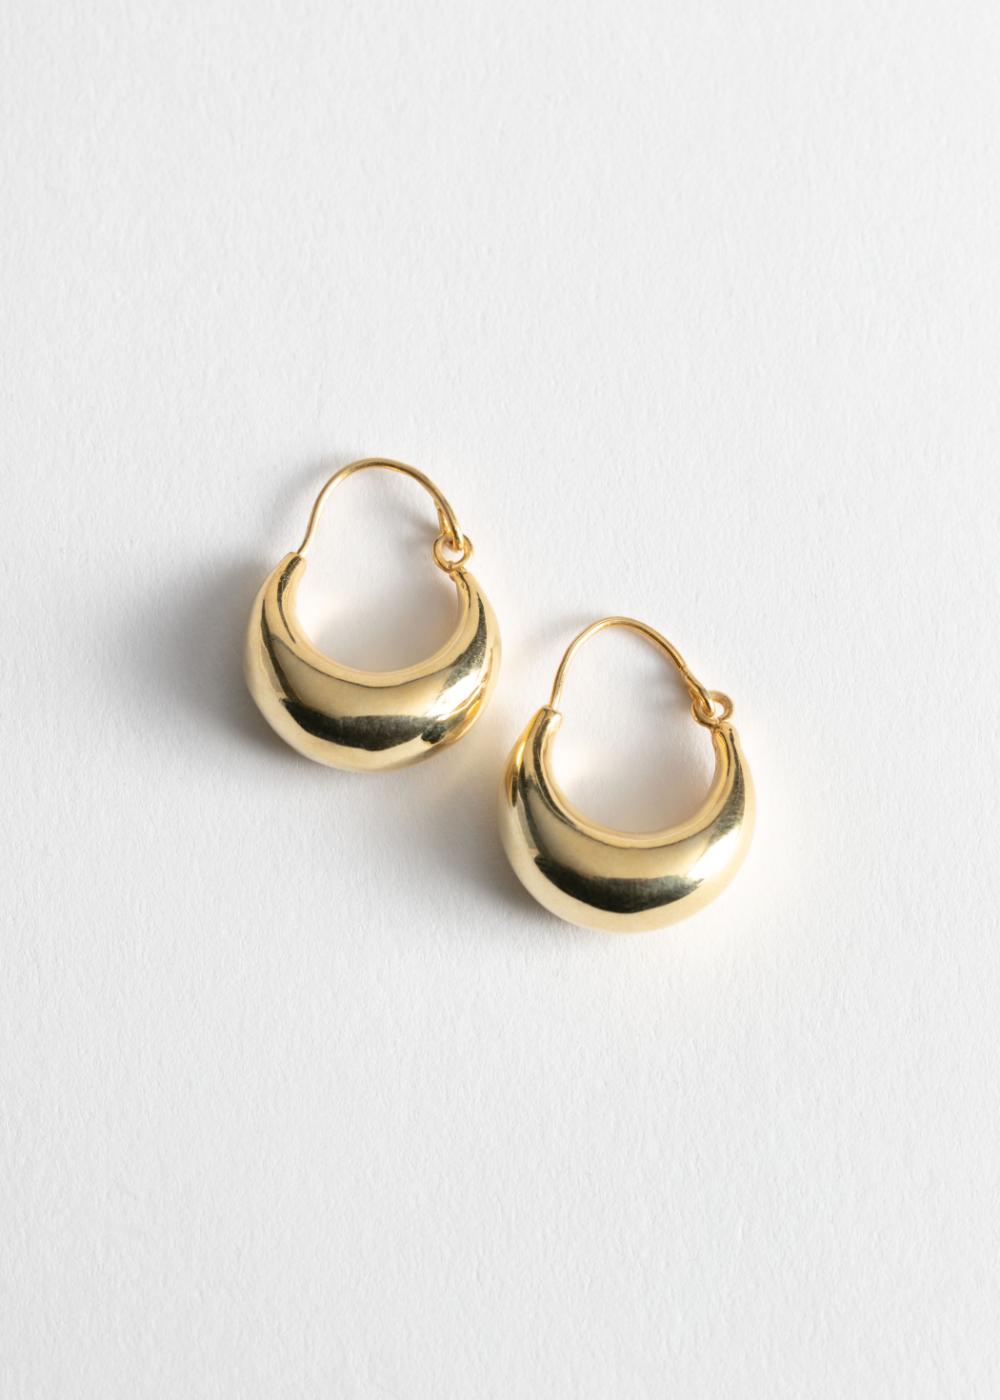 Droplet Hoop Earrings Gold Hoop Earrings Diamond Earrings Studs Gold Earrings